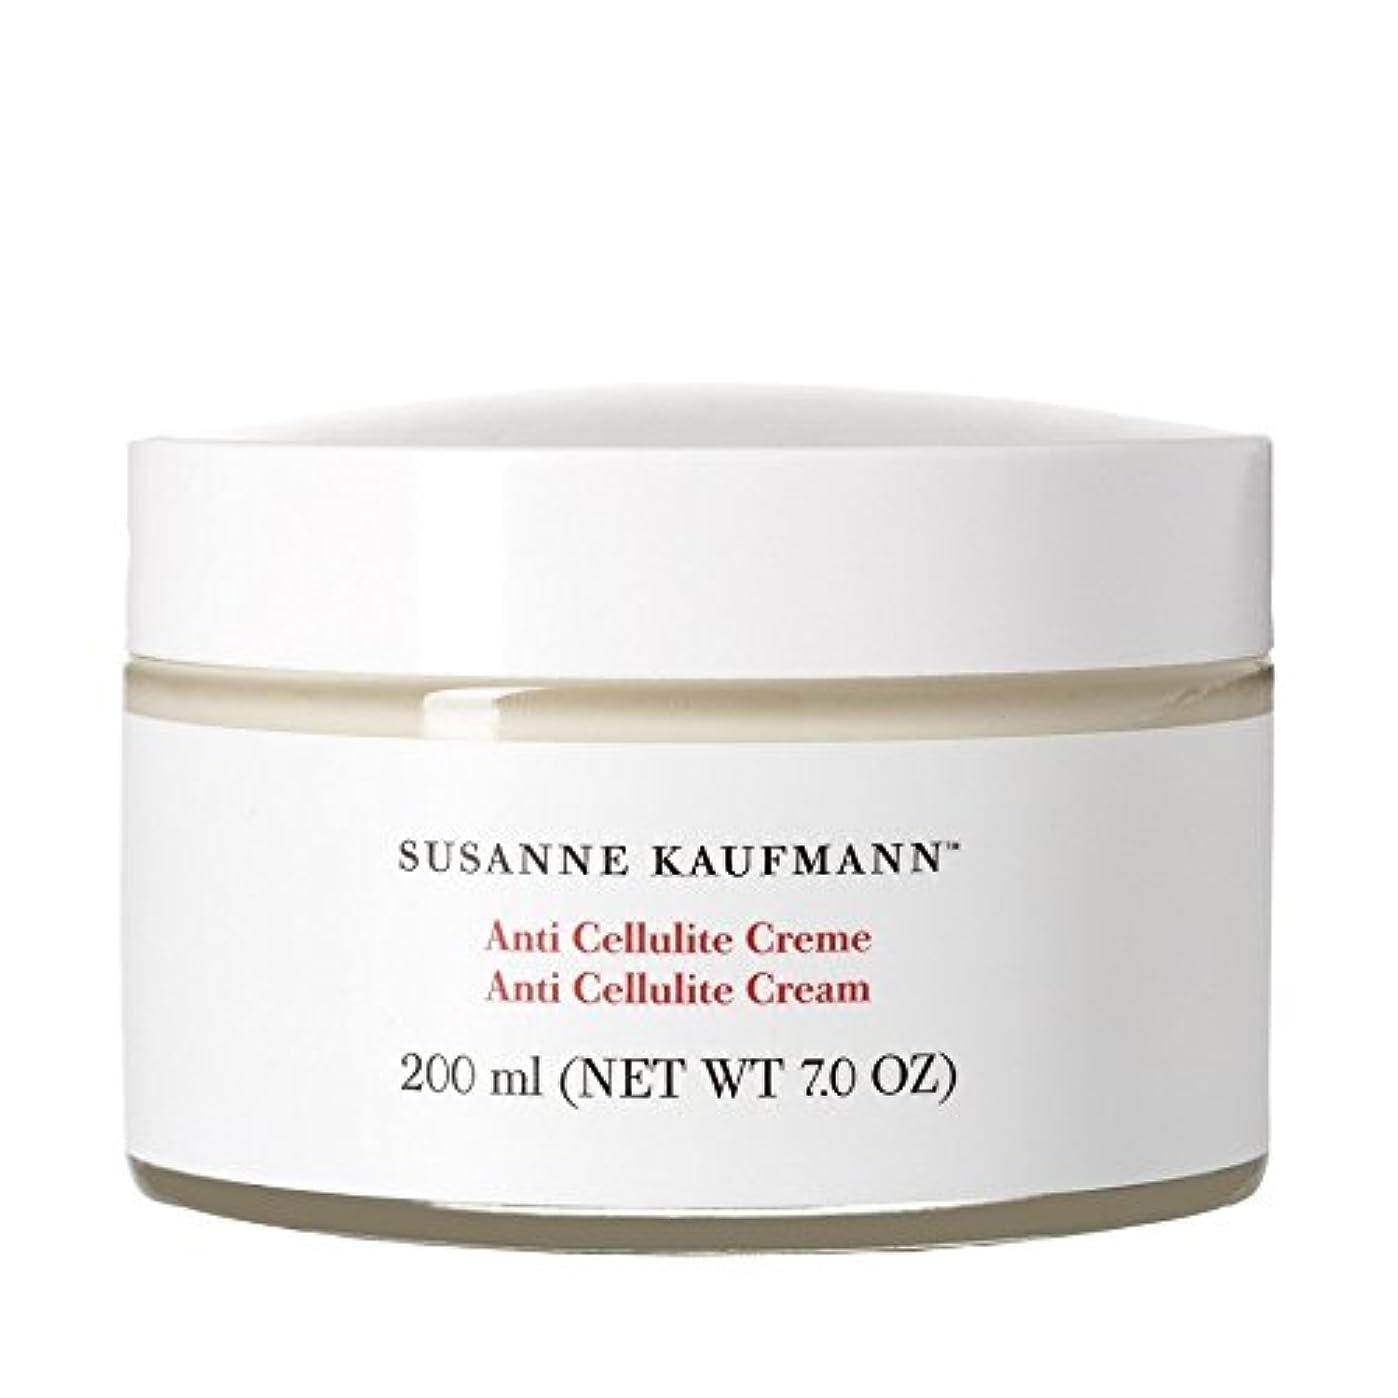 侮辱人気ポンドSusanne Kaufmann Anti Cellulite Cream 200ml - スザンヌカウフマン抗セルライトクリーム200ミリリットル [並行輸入品]